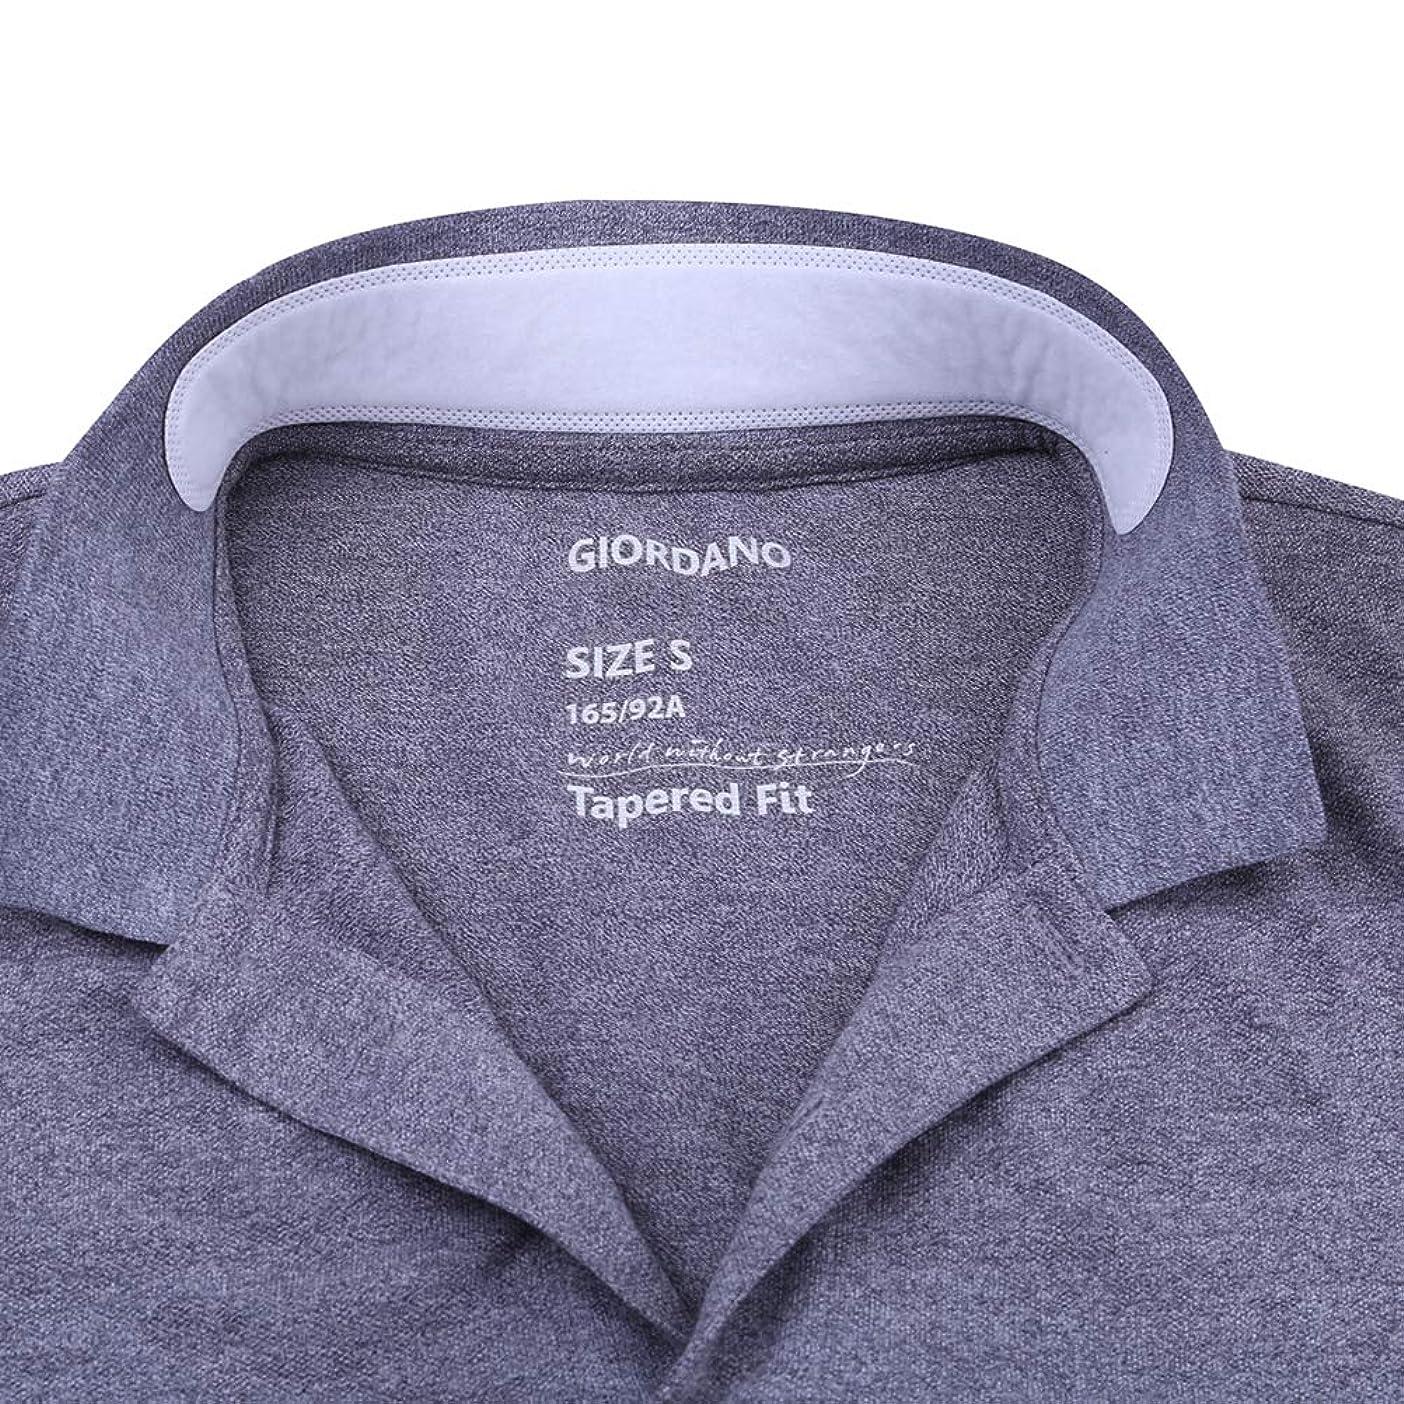 OUNONA よごれガードテープ 襟 汗取りパッド ワイシャツ 汗取りシート えり汚れ防止 100枚